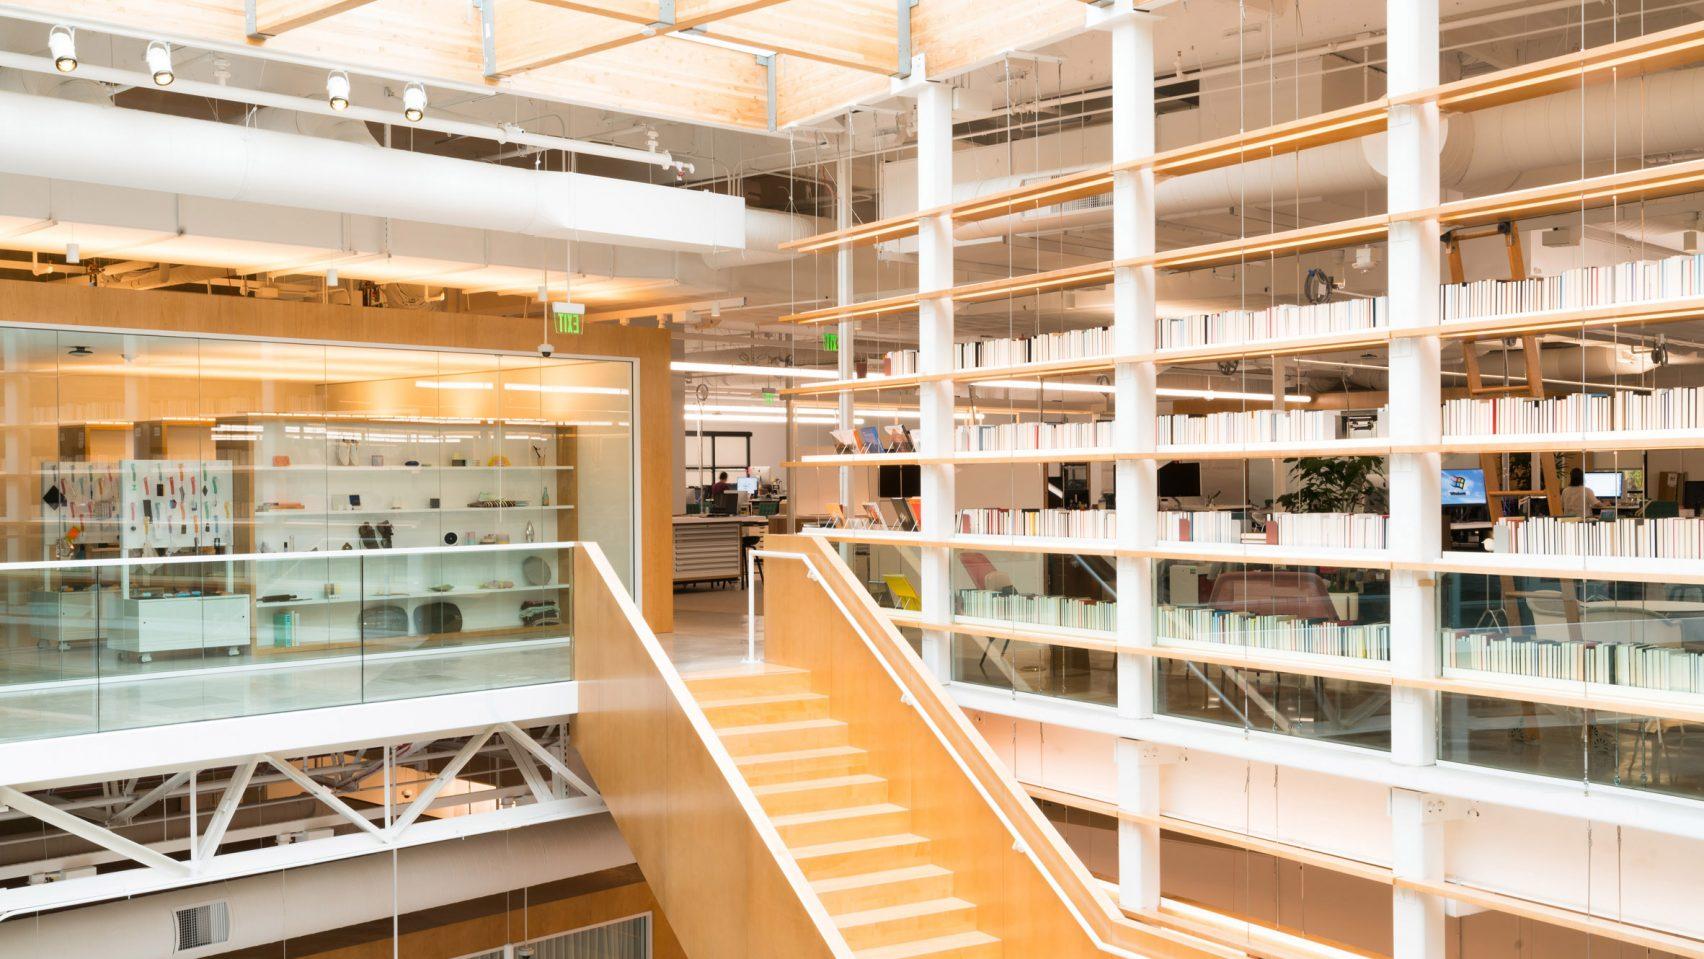 美国加州山景城总部: 谷歌设计实验室办公空间